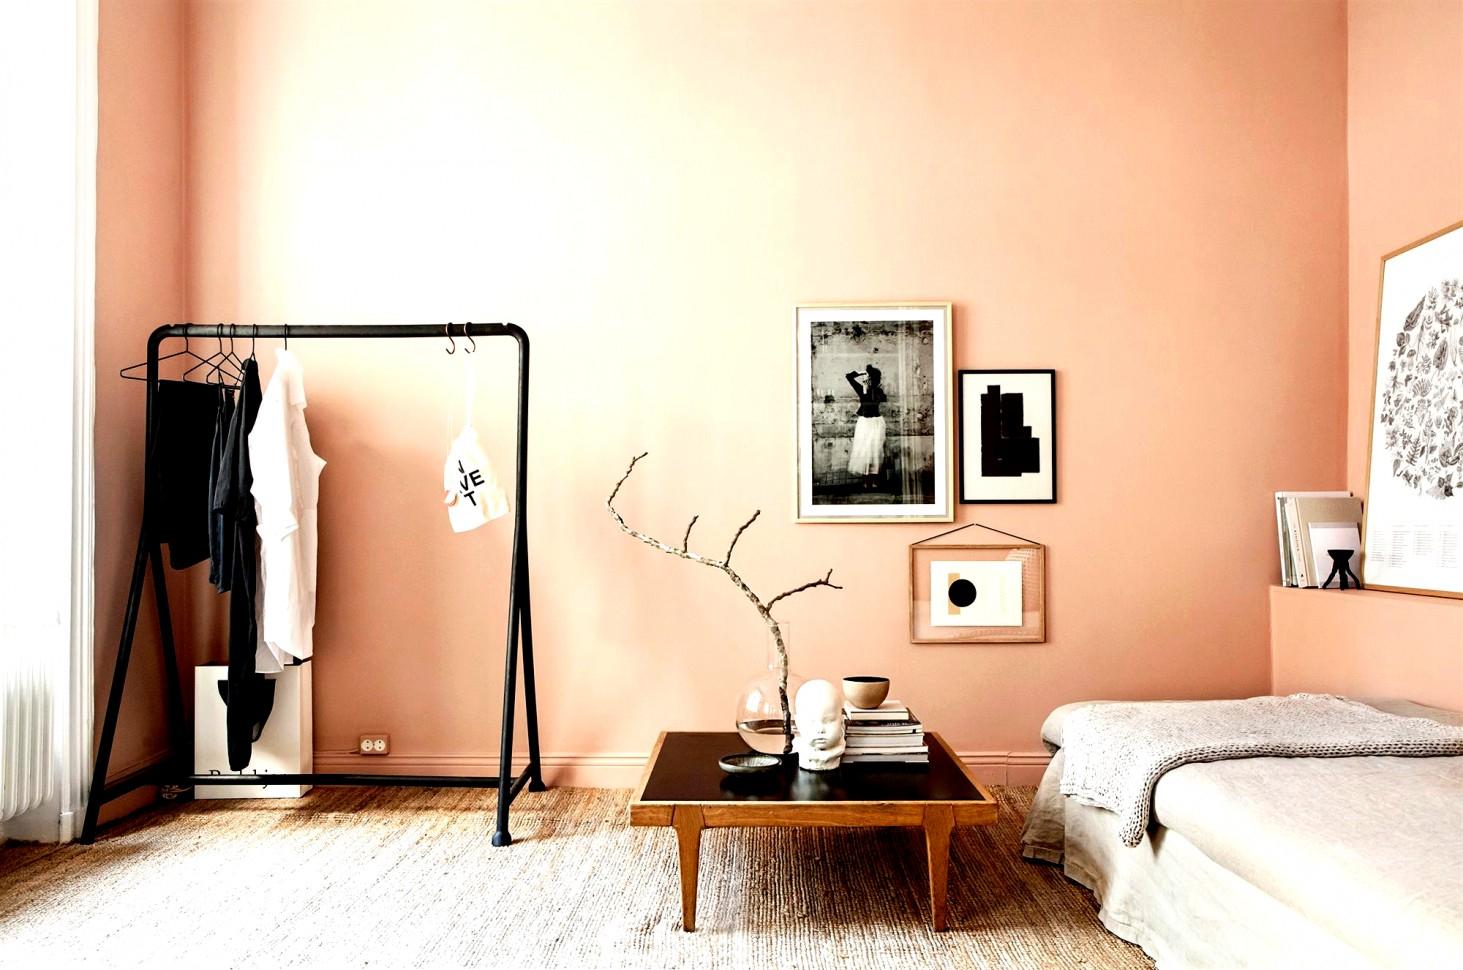 Erstaunlich Von Apricot Wandgestaltung Malerei Wohnzimmer